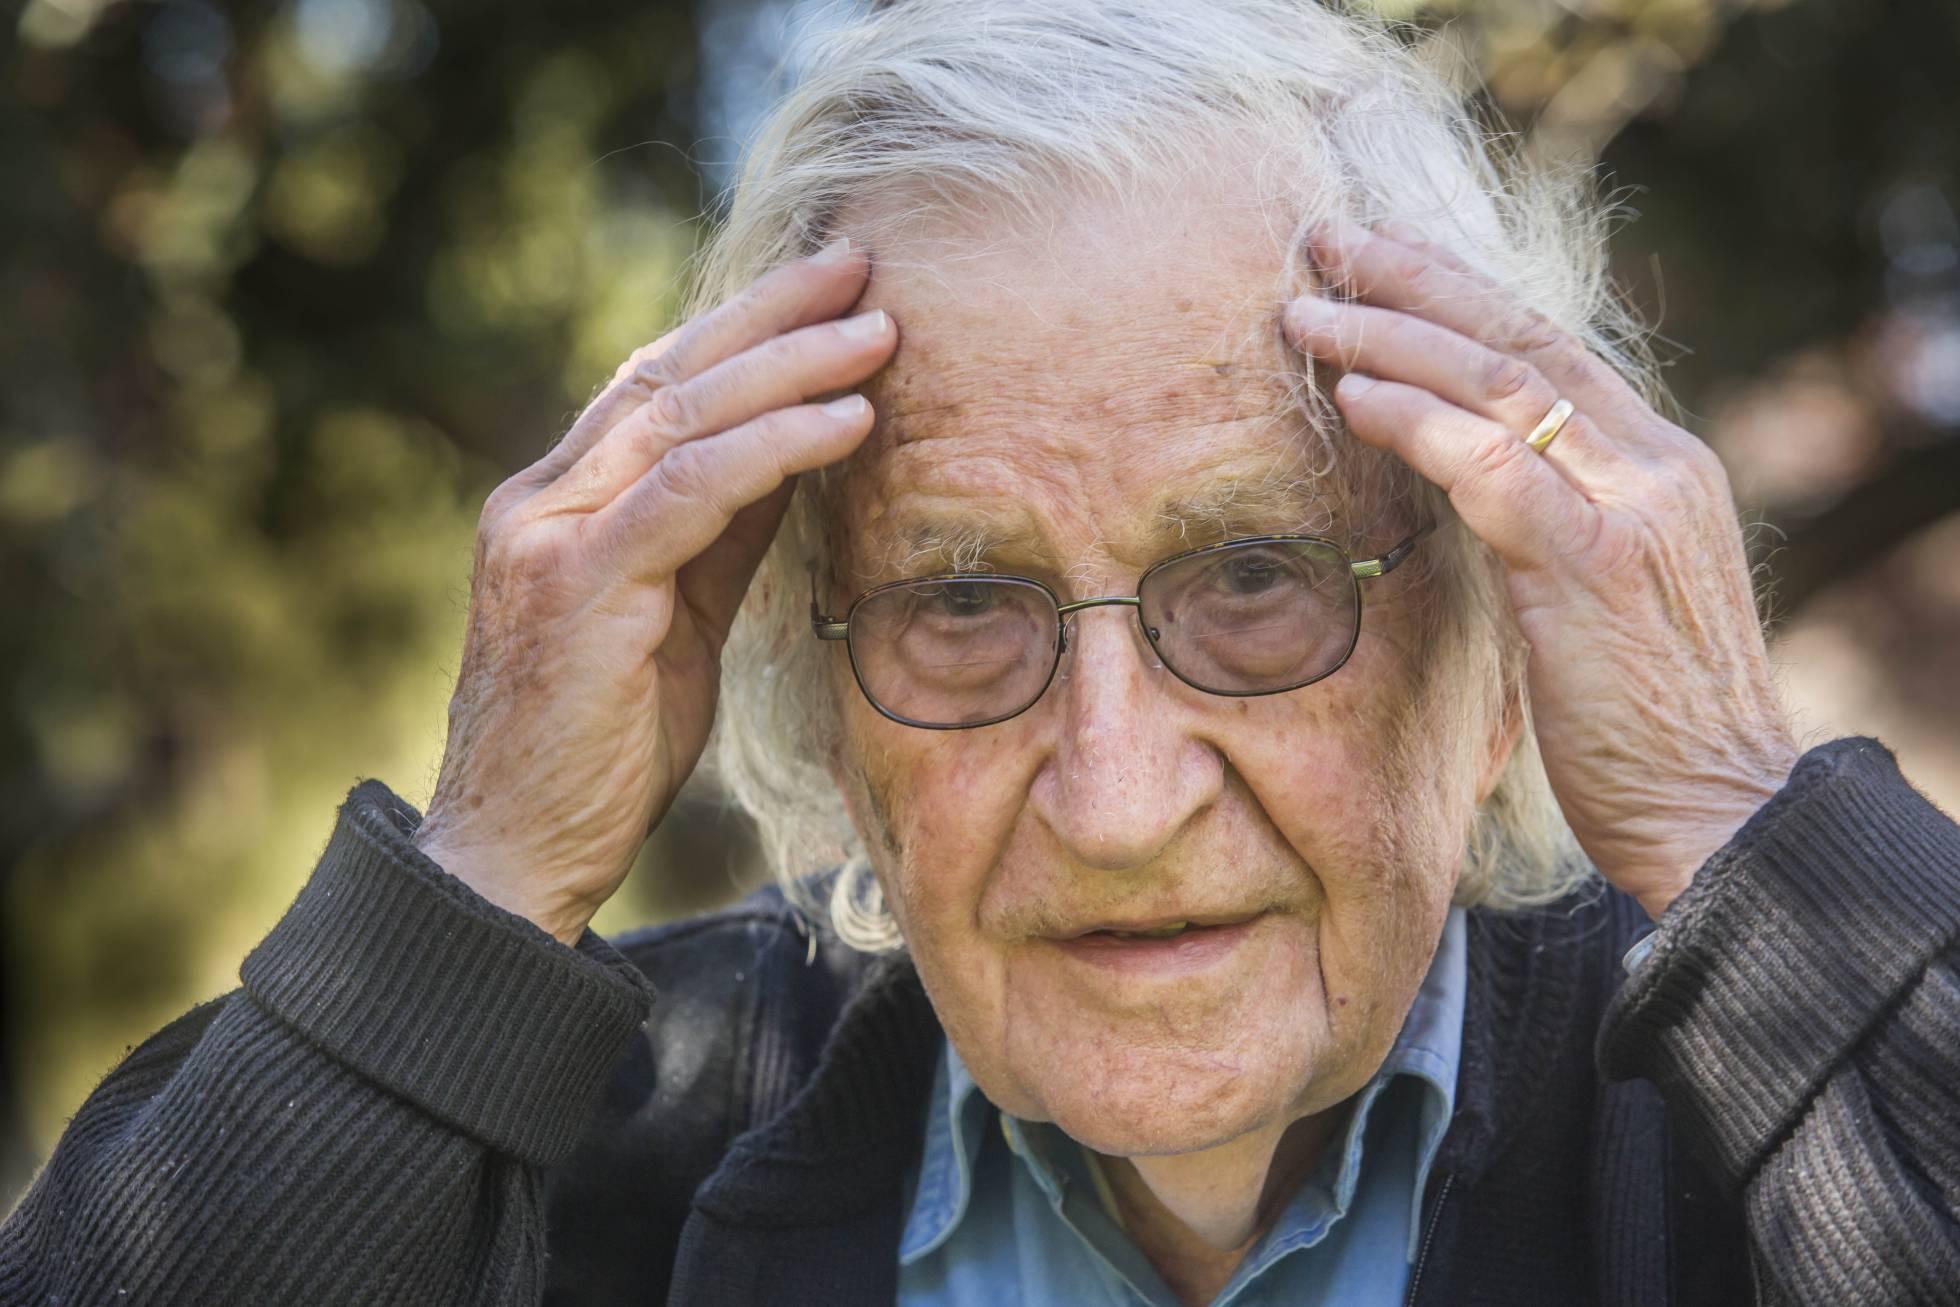 Noam Chomsky: Intereses electorales y económicos motivan campaña contra salud reproductiva de niñas y mujeres. FUENTE EXTERNA.